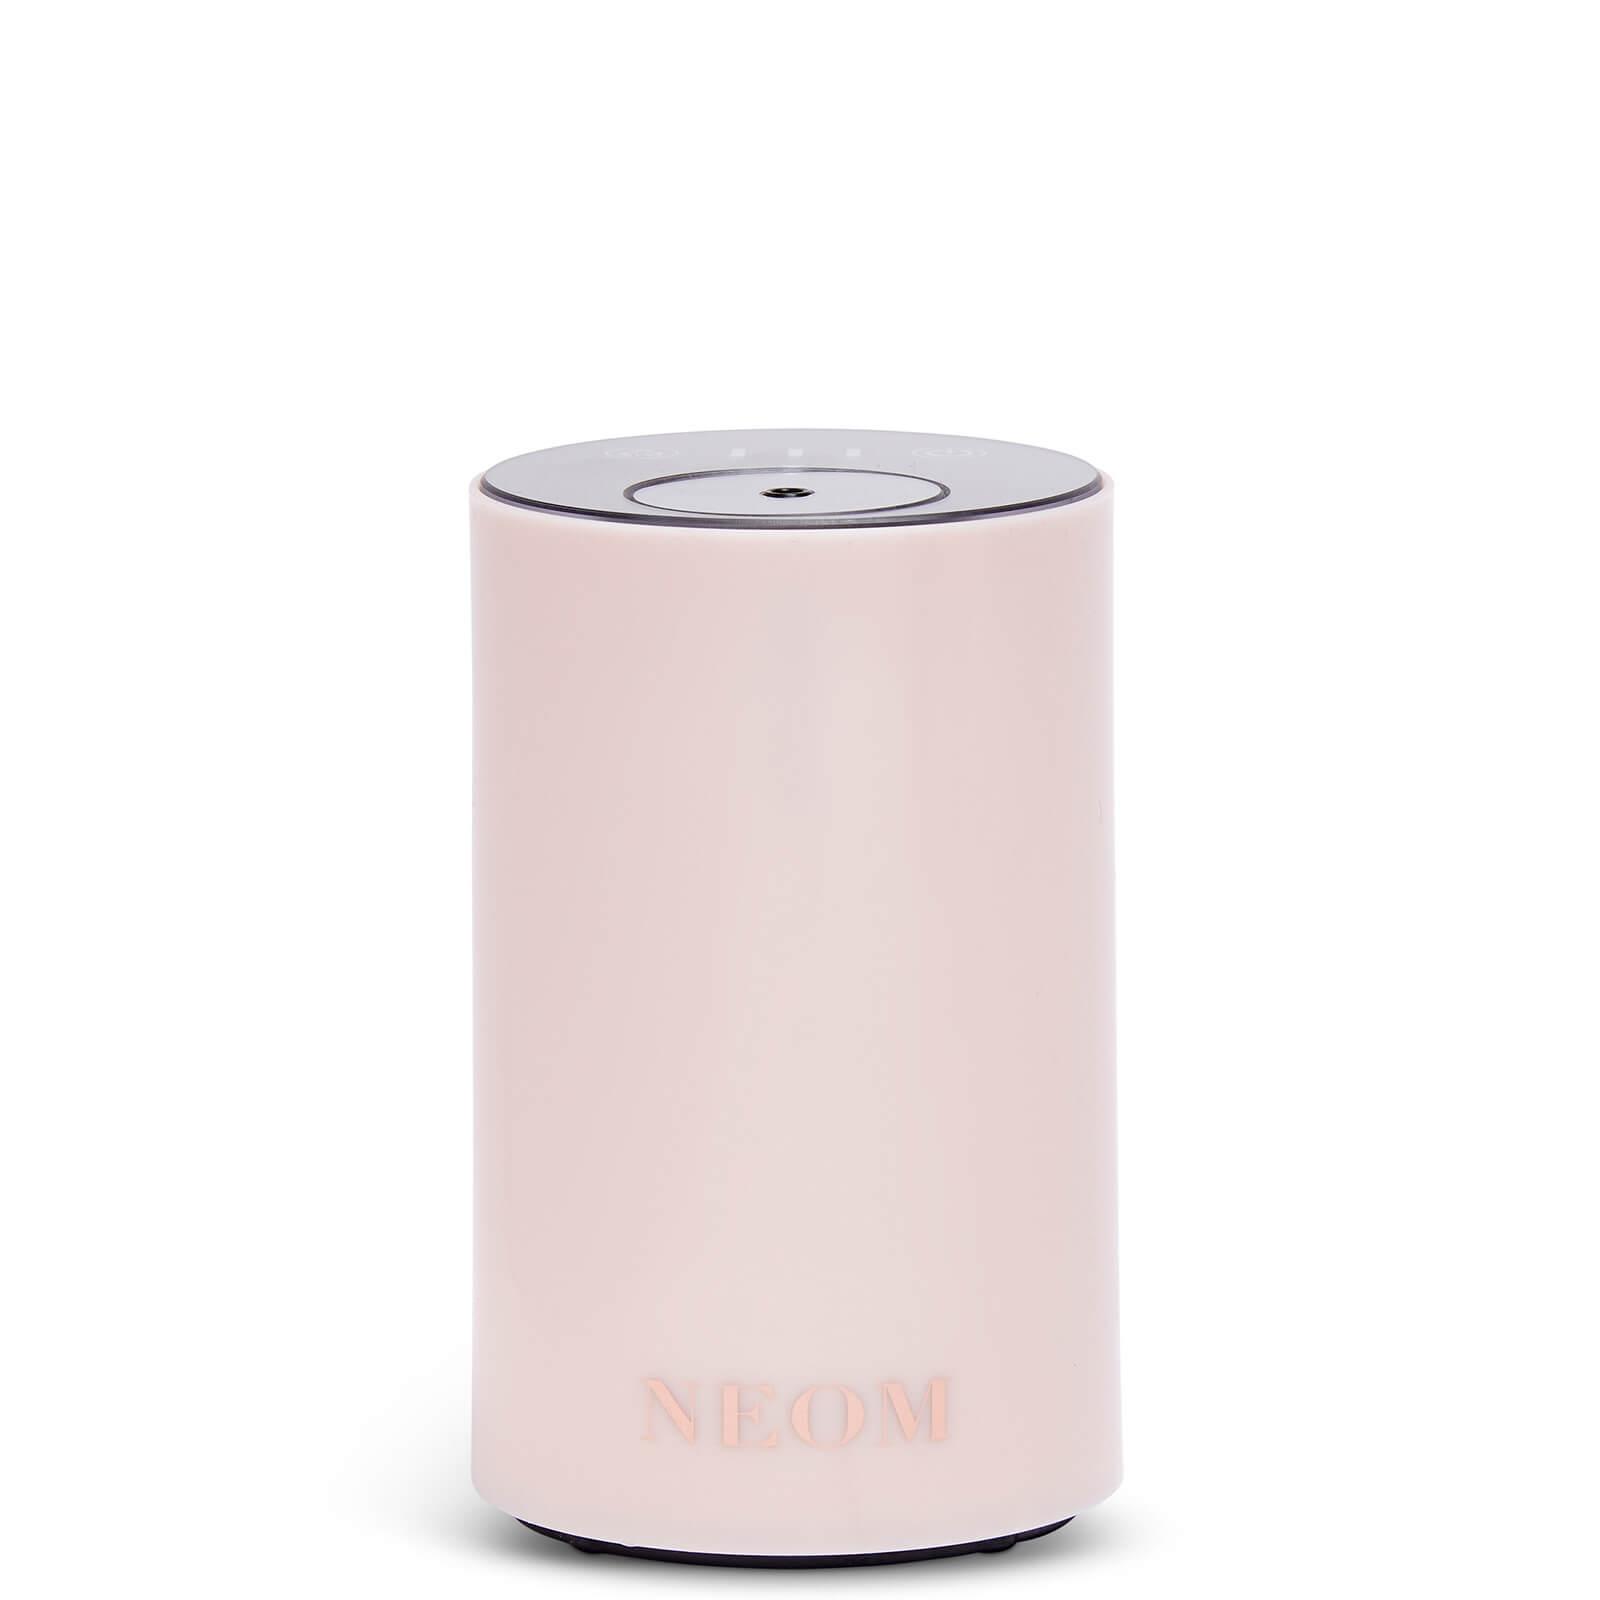 Купить NEOM Wellbeing Pod Mini диффузор эфирных масел - телесный цвет